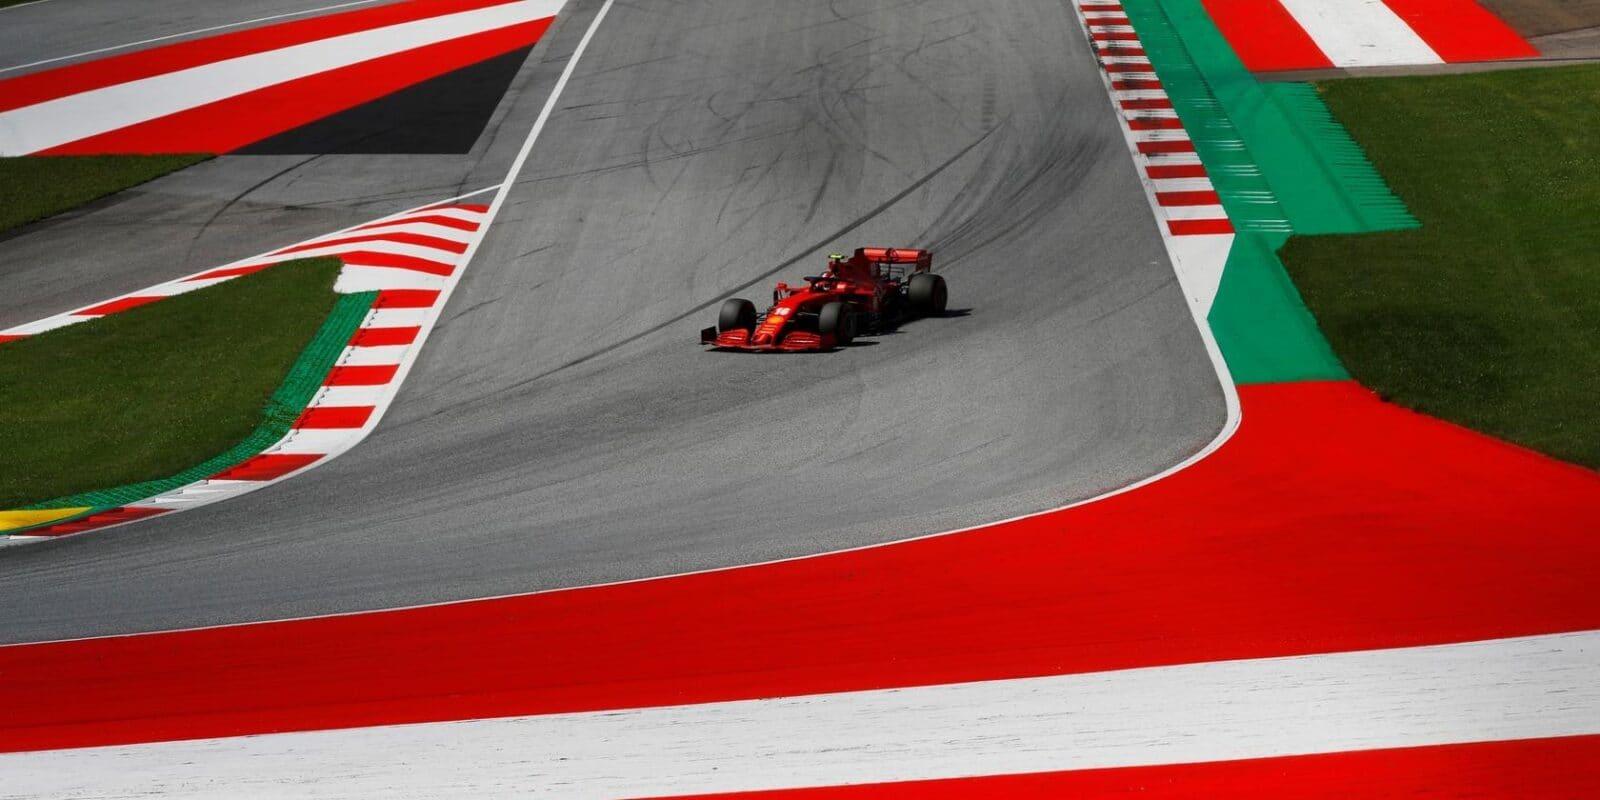 Byl to jeden z mých nejlepších závodů, raduje se Leclerc